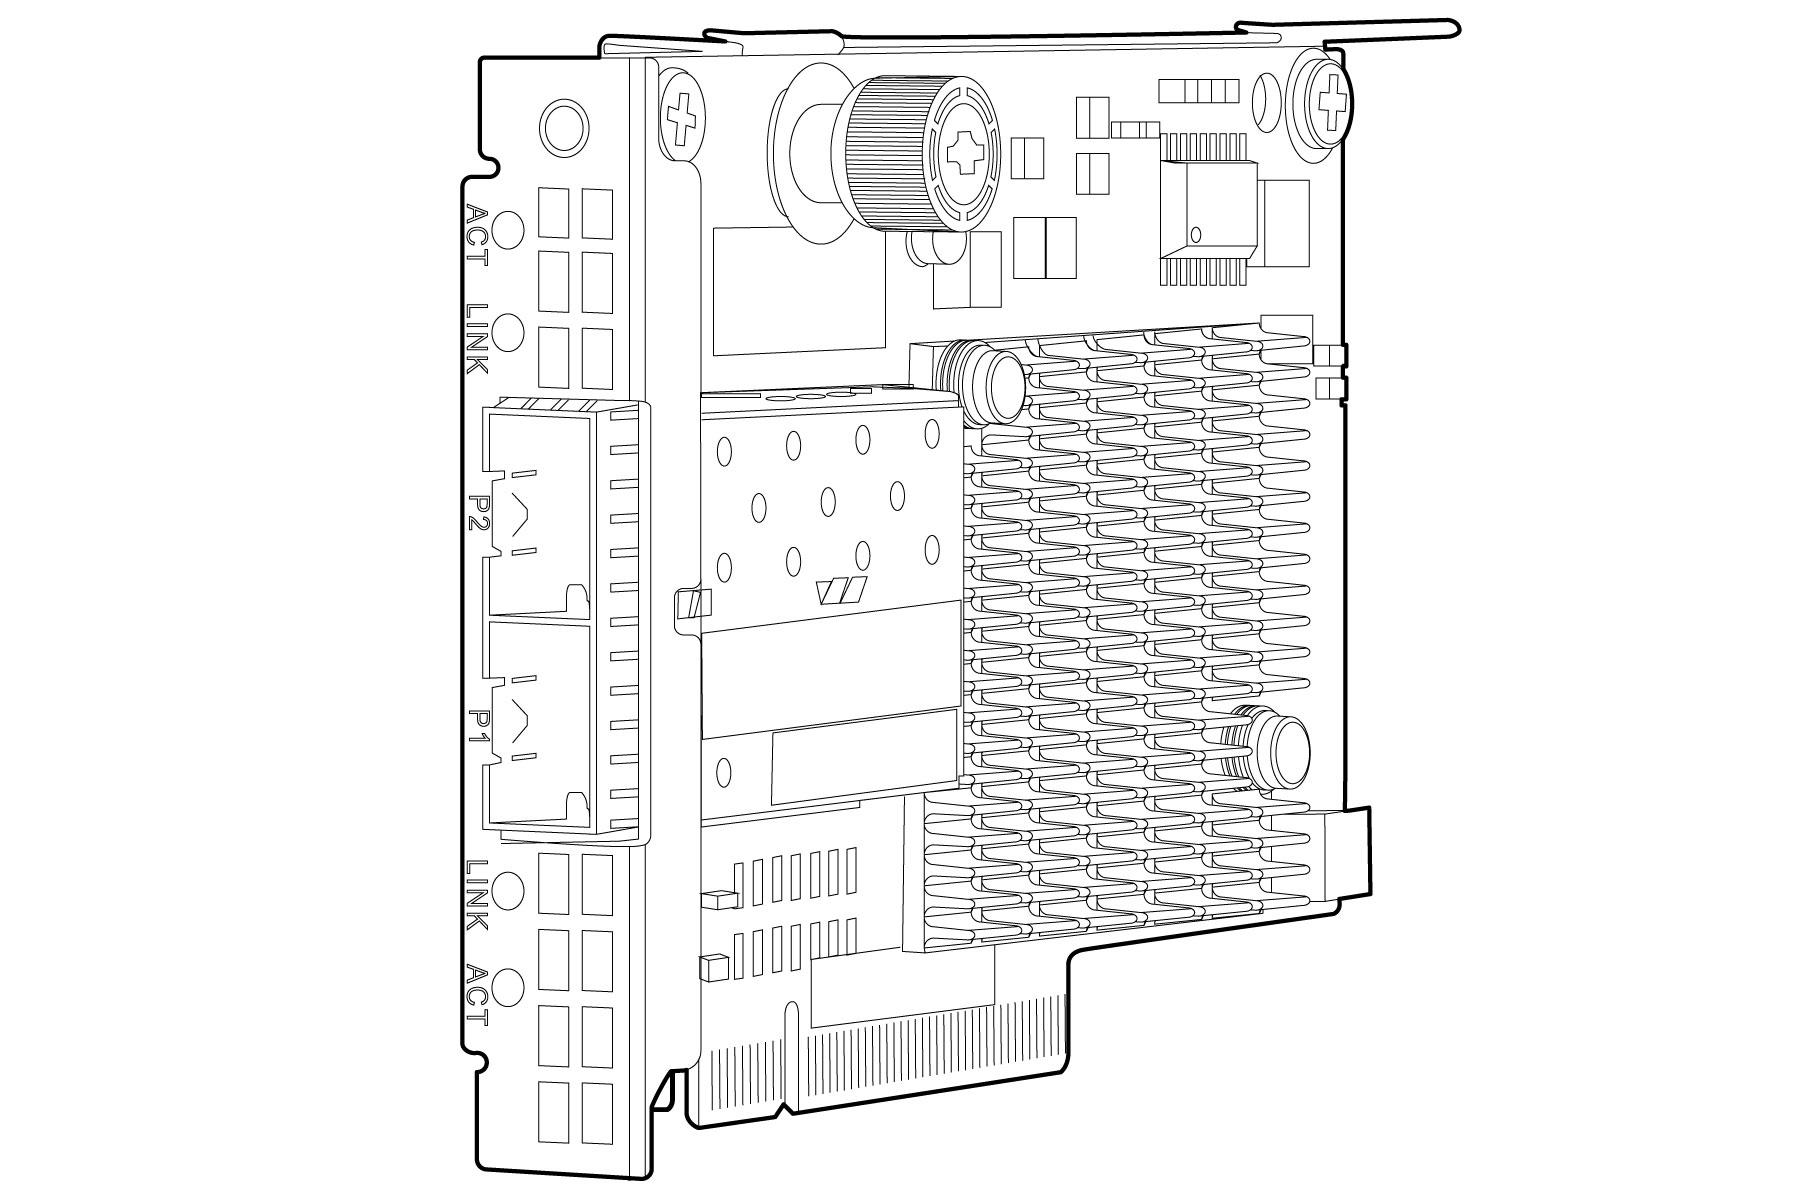 Quickspecs HP Ethernet 10Gb 2-port 561FLR-T Adapter